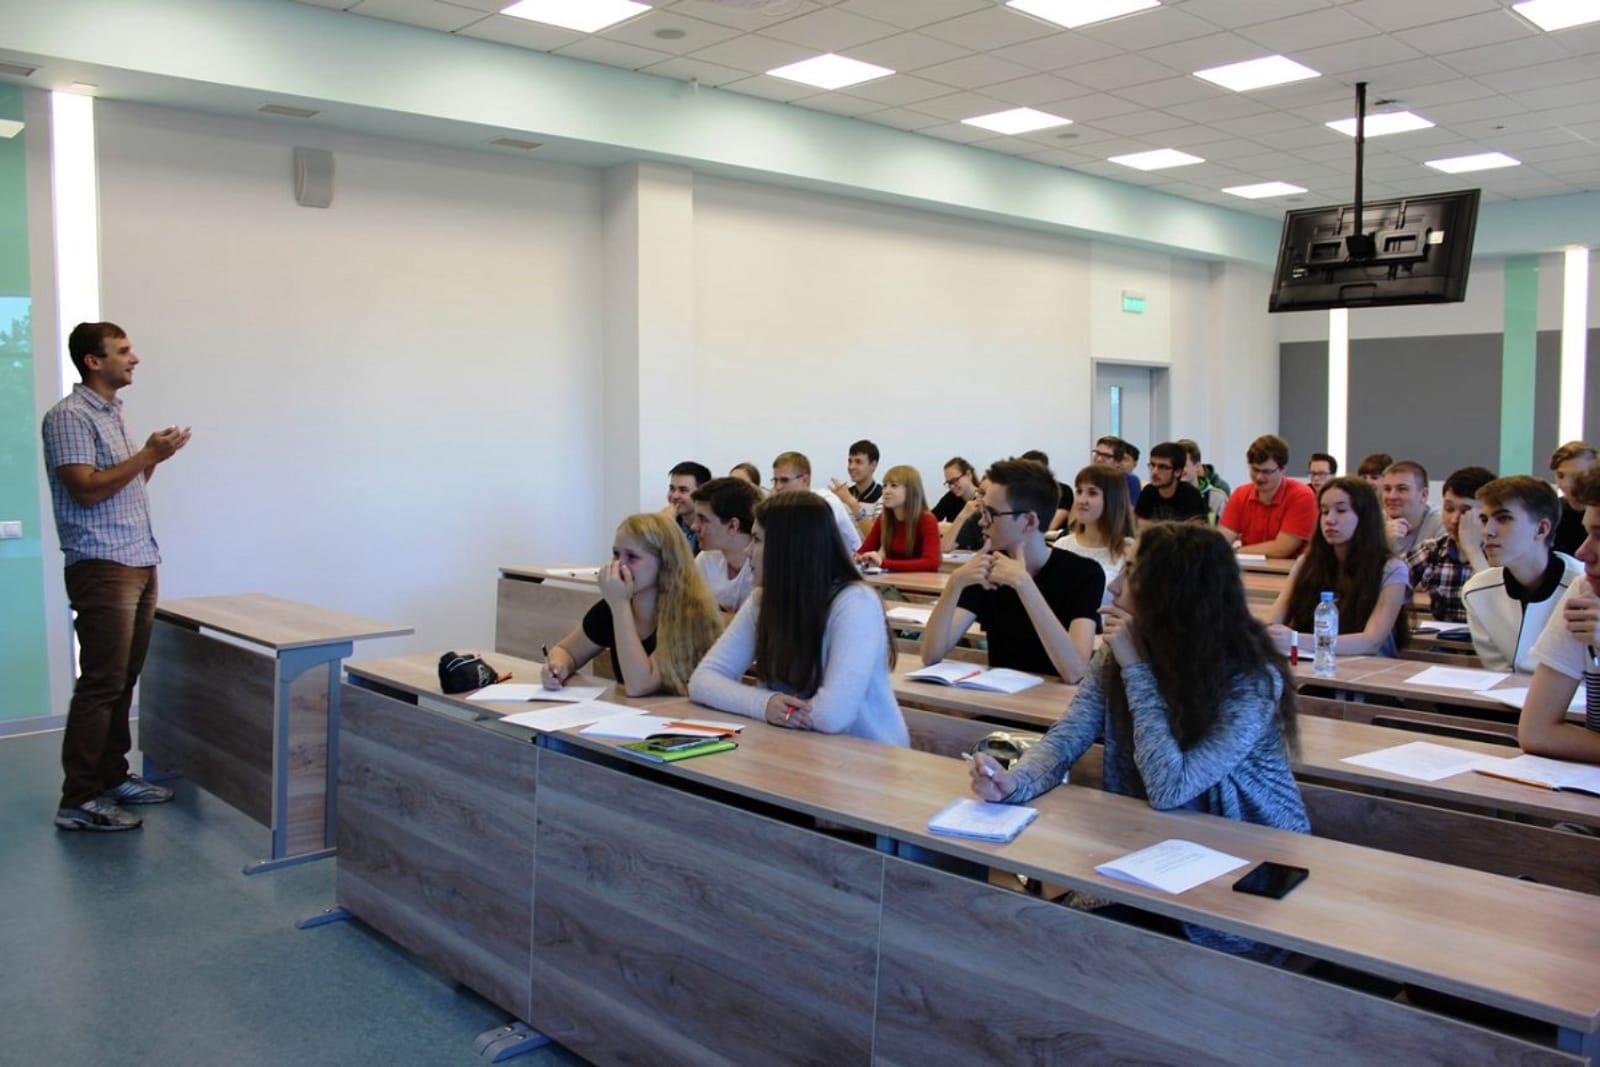 新西伯利亚国立大学学生在课堂上